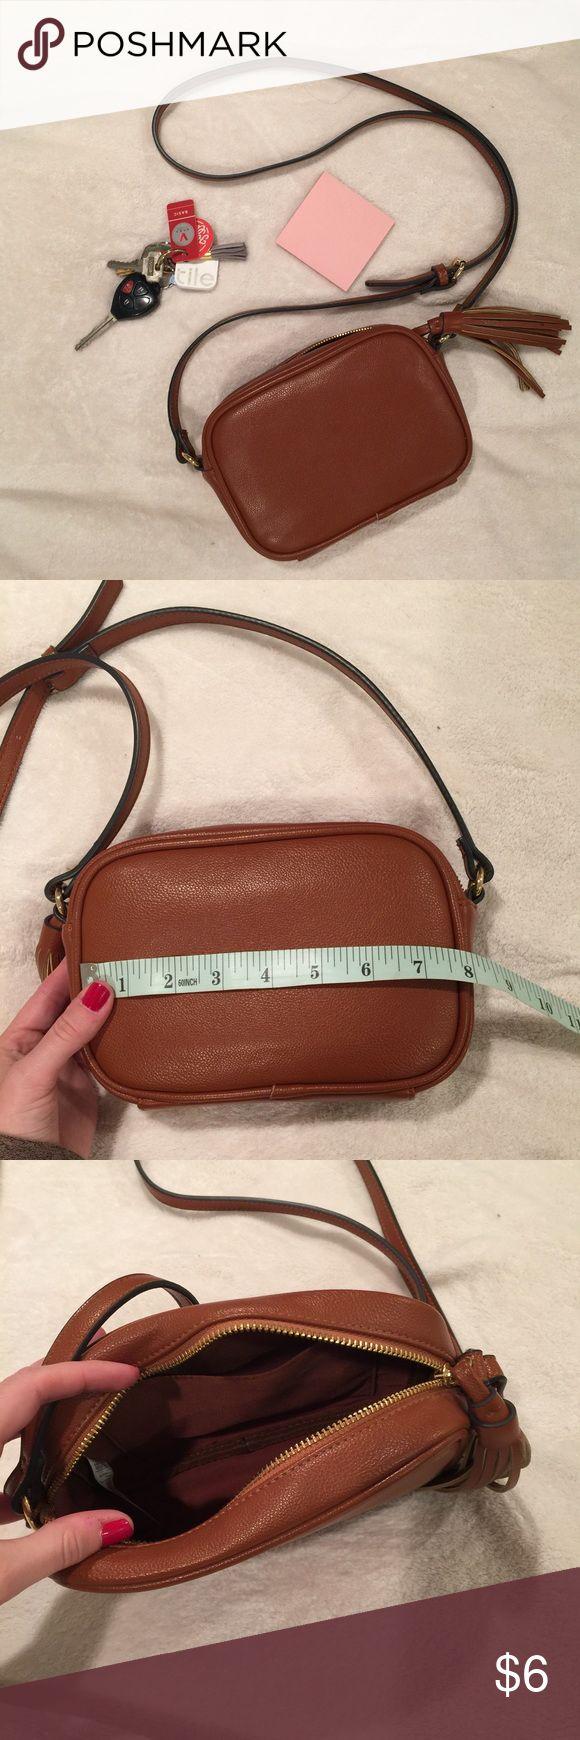 Old Navy Shoulder Bag Leather-like, brown bag! Adjustable strap. One open pocket on the inside! No noticeable damages! Barely used! Old Navy Bags Shoulder Bags